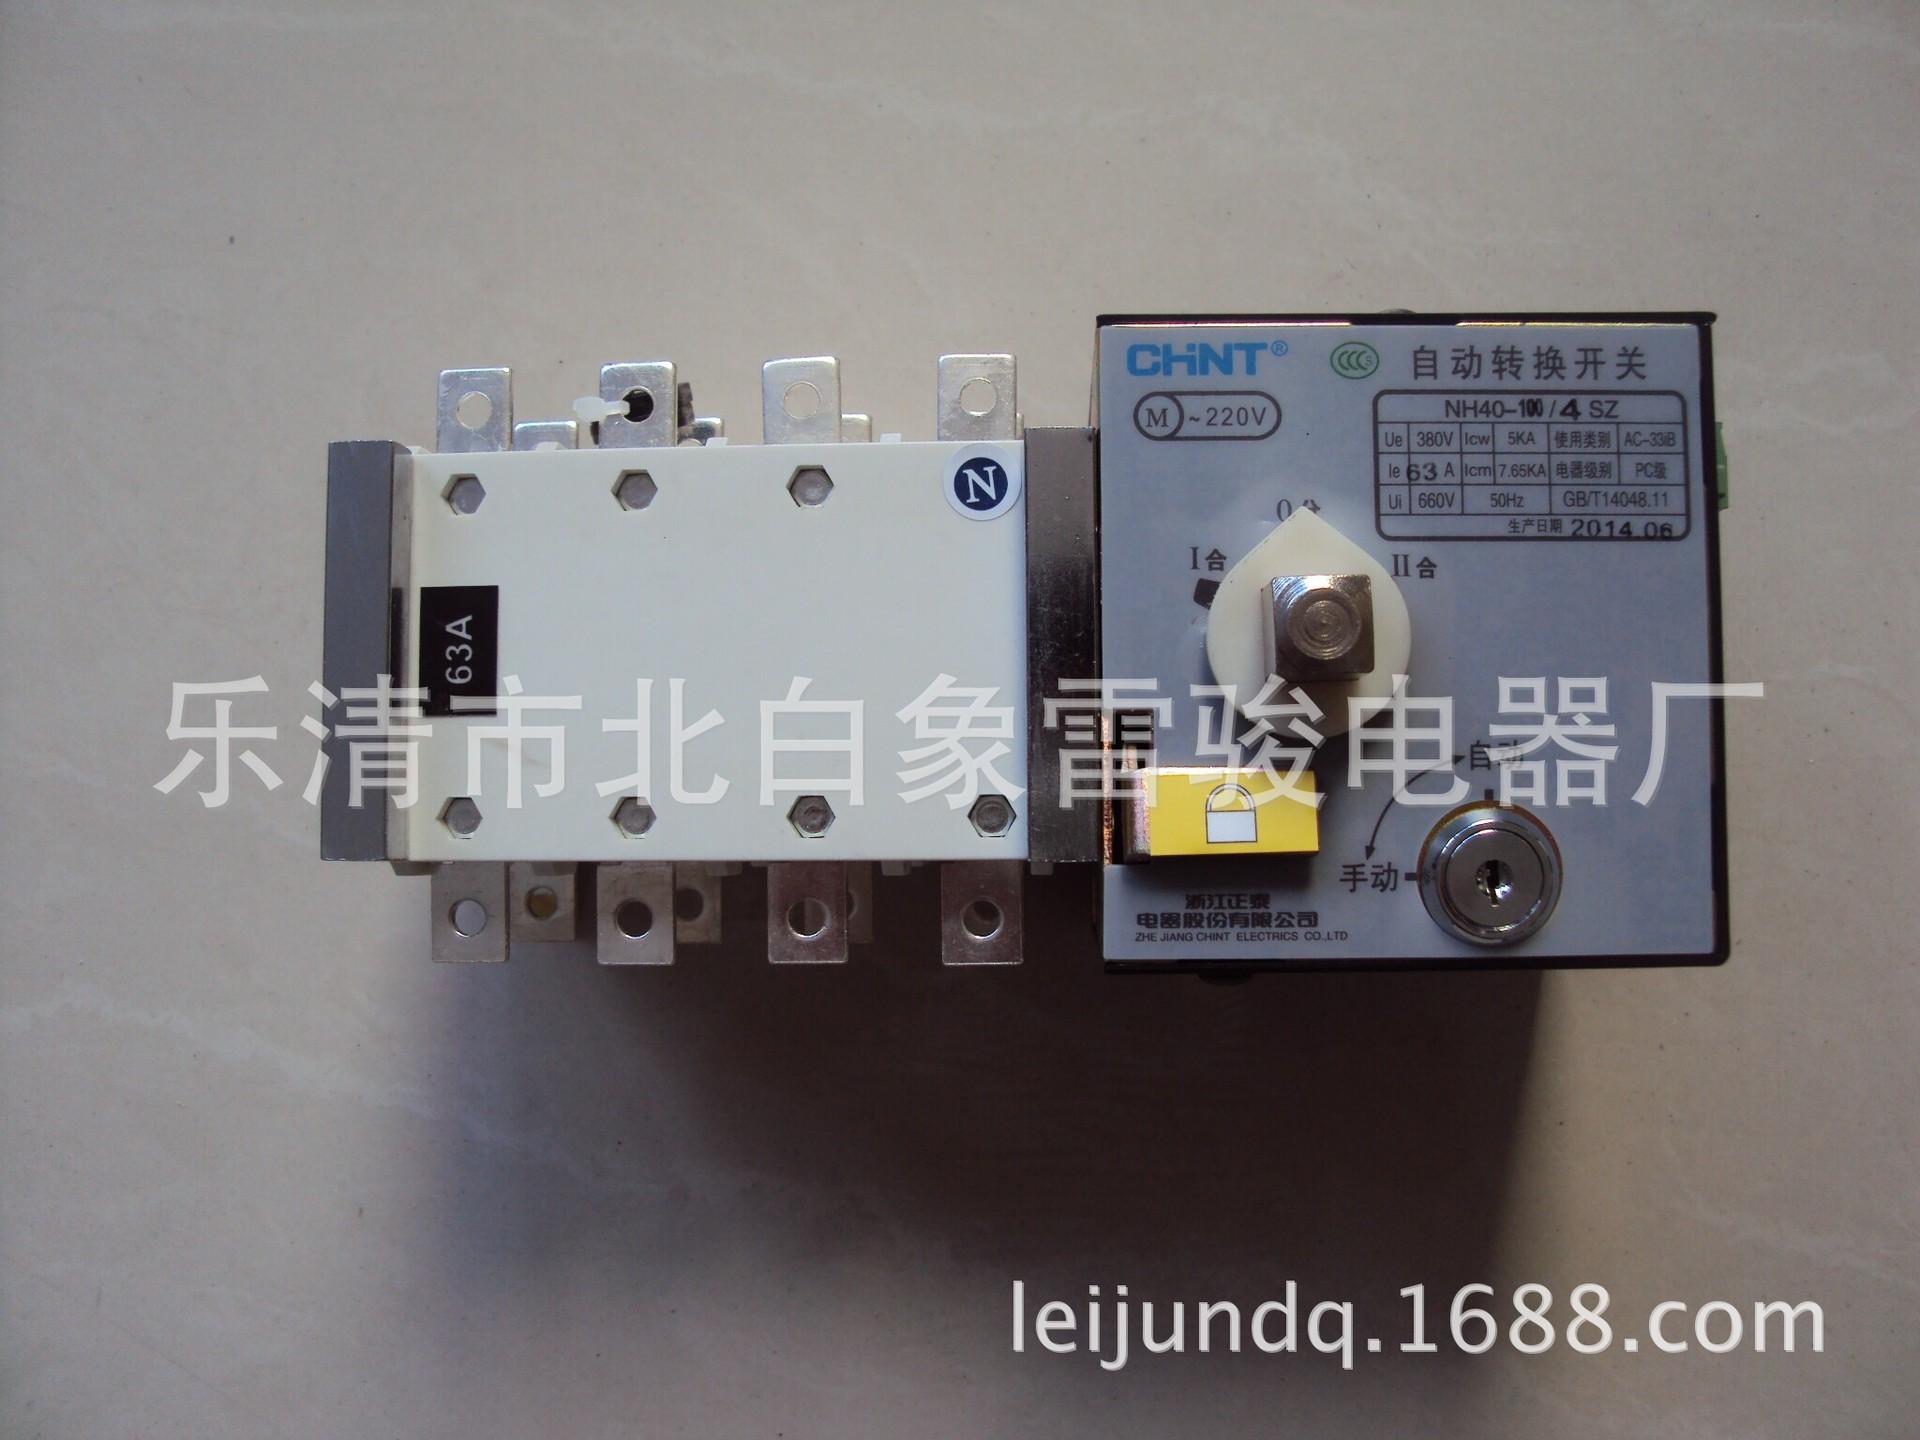 正泰pc级双电源nh40-100/4p隔离双电源